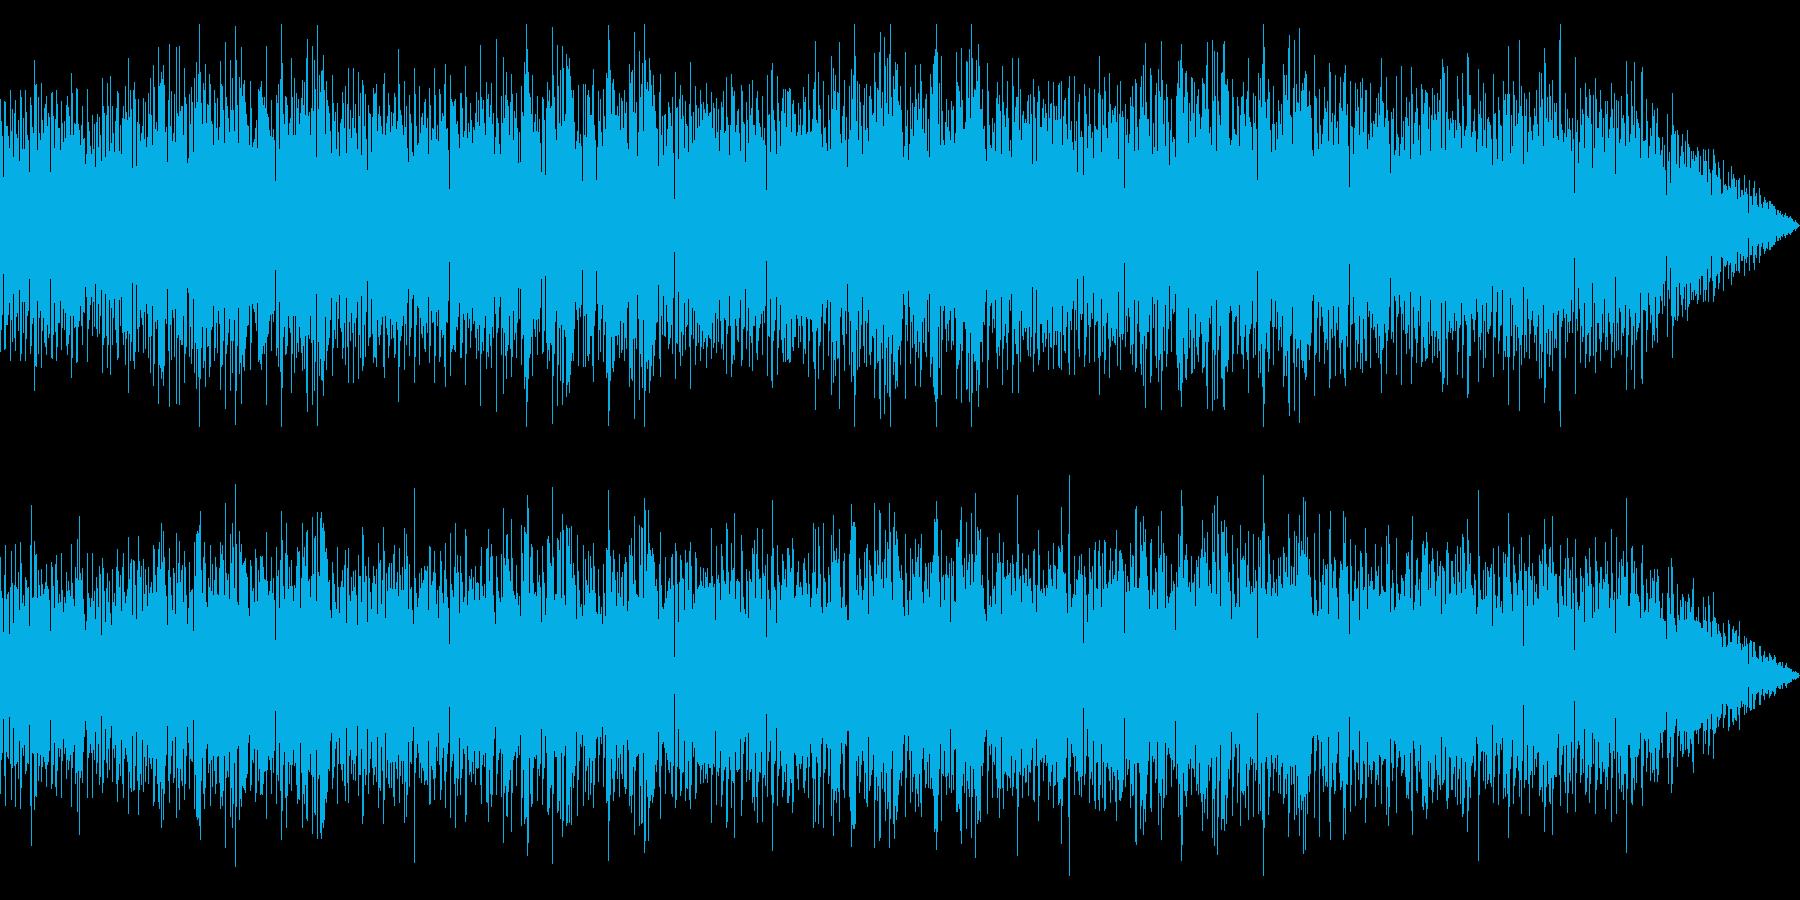 爽やかなインストポップの再生済みの波形